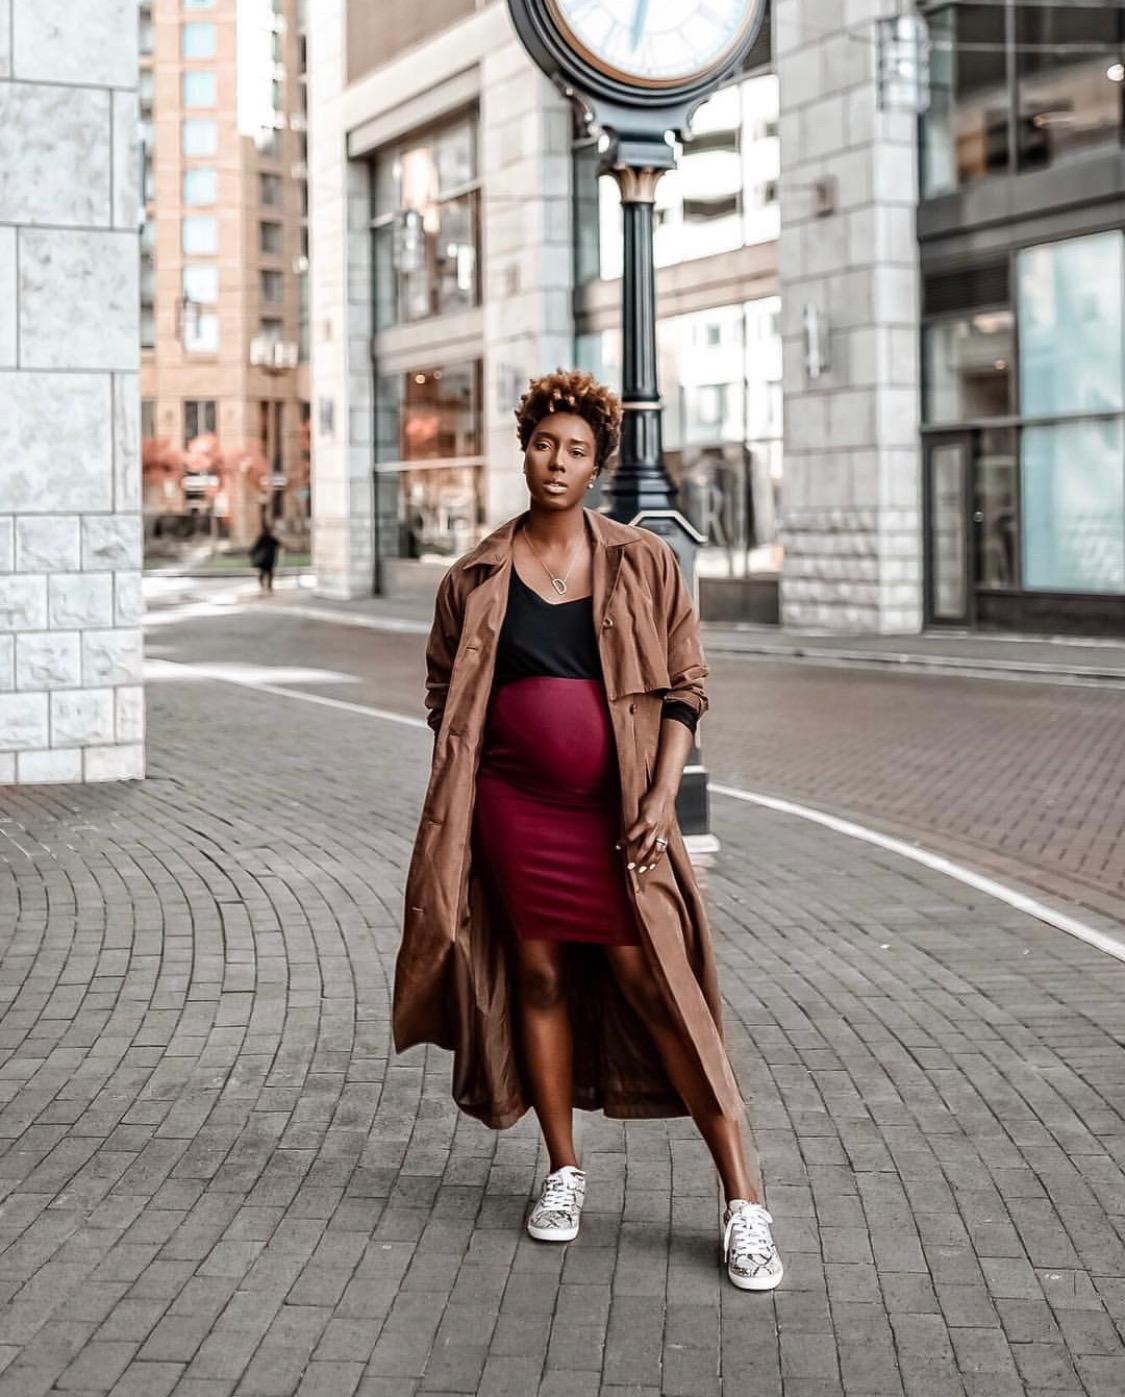 Dayna_bolden-baltimore-blogger-6.jpg